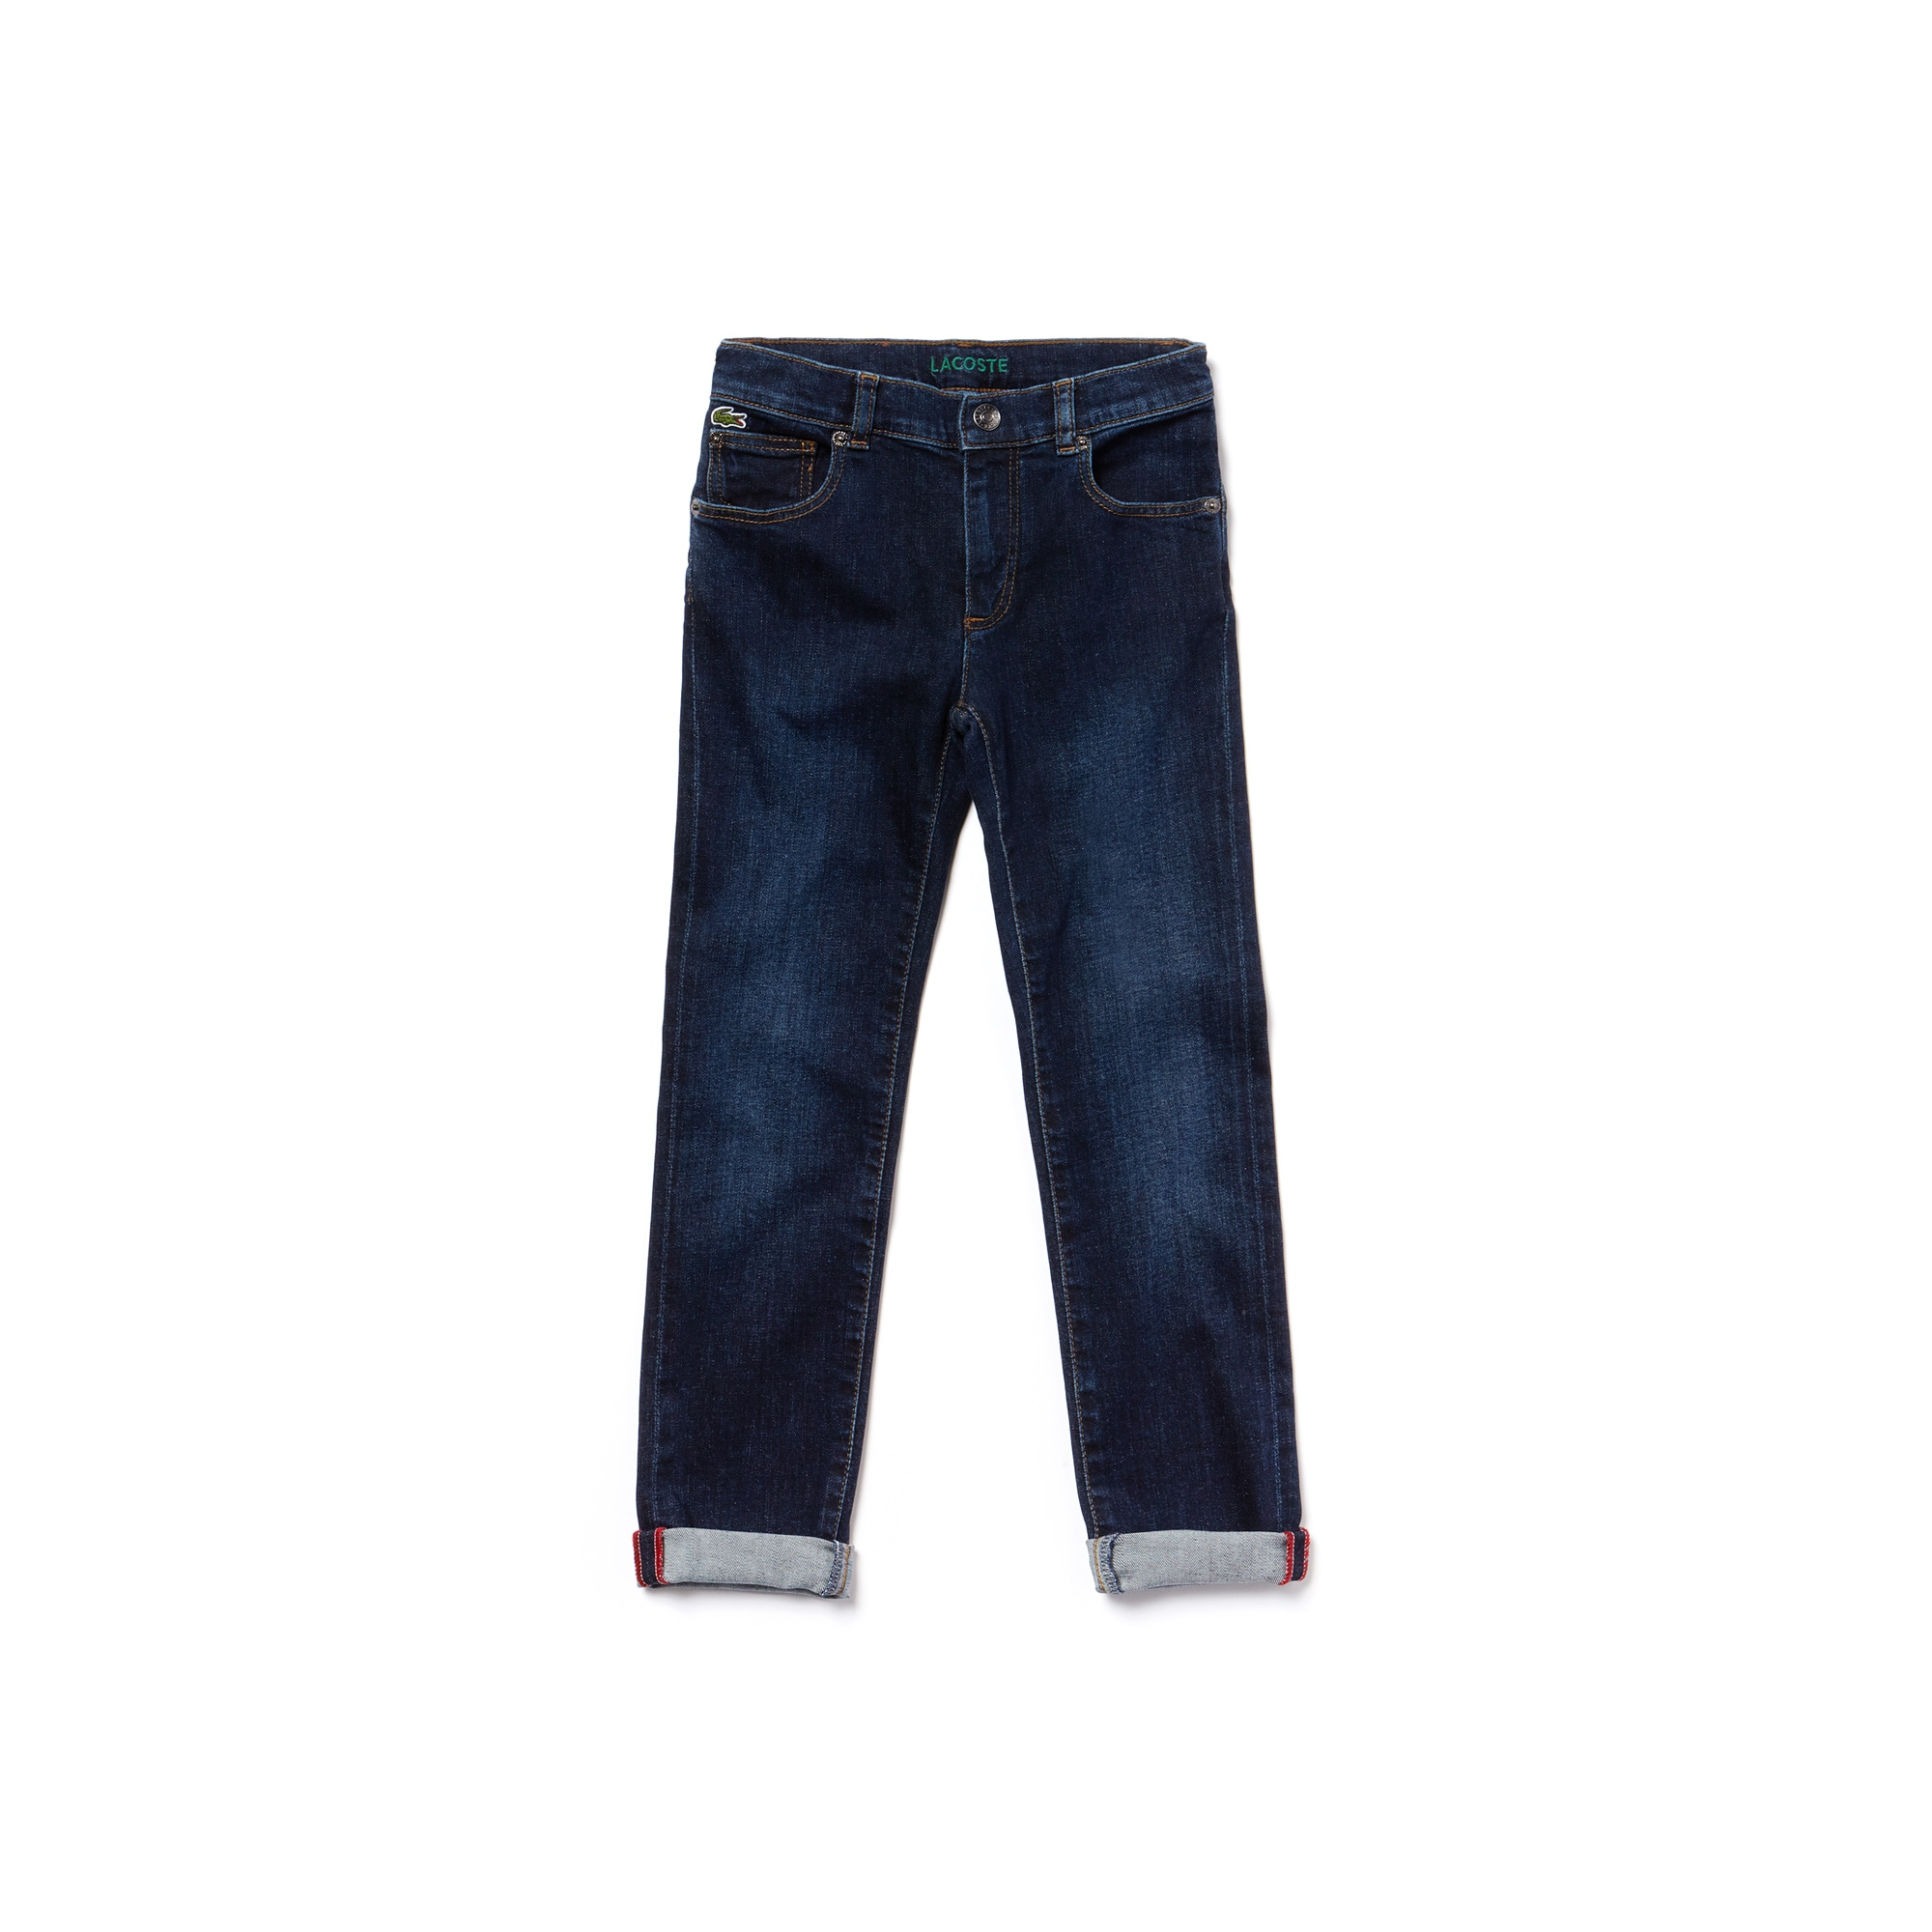 Kids' jeans in cotton denim